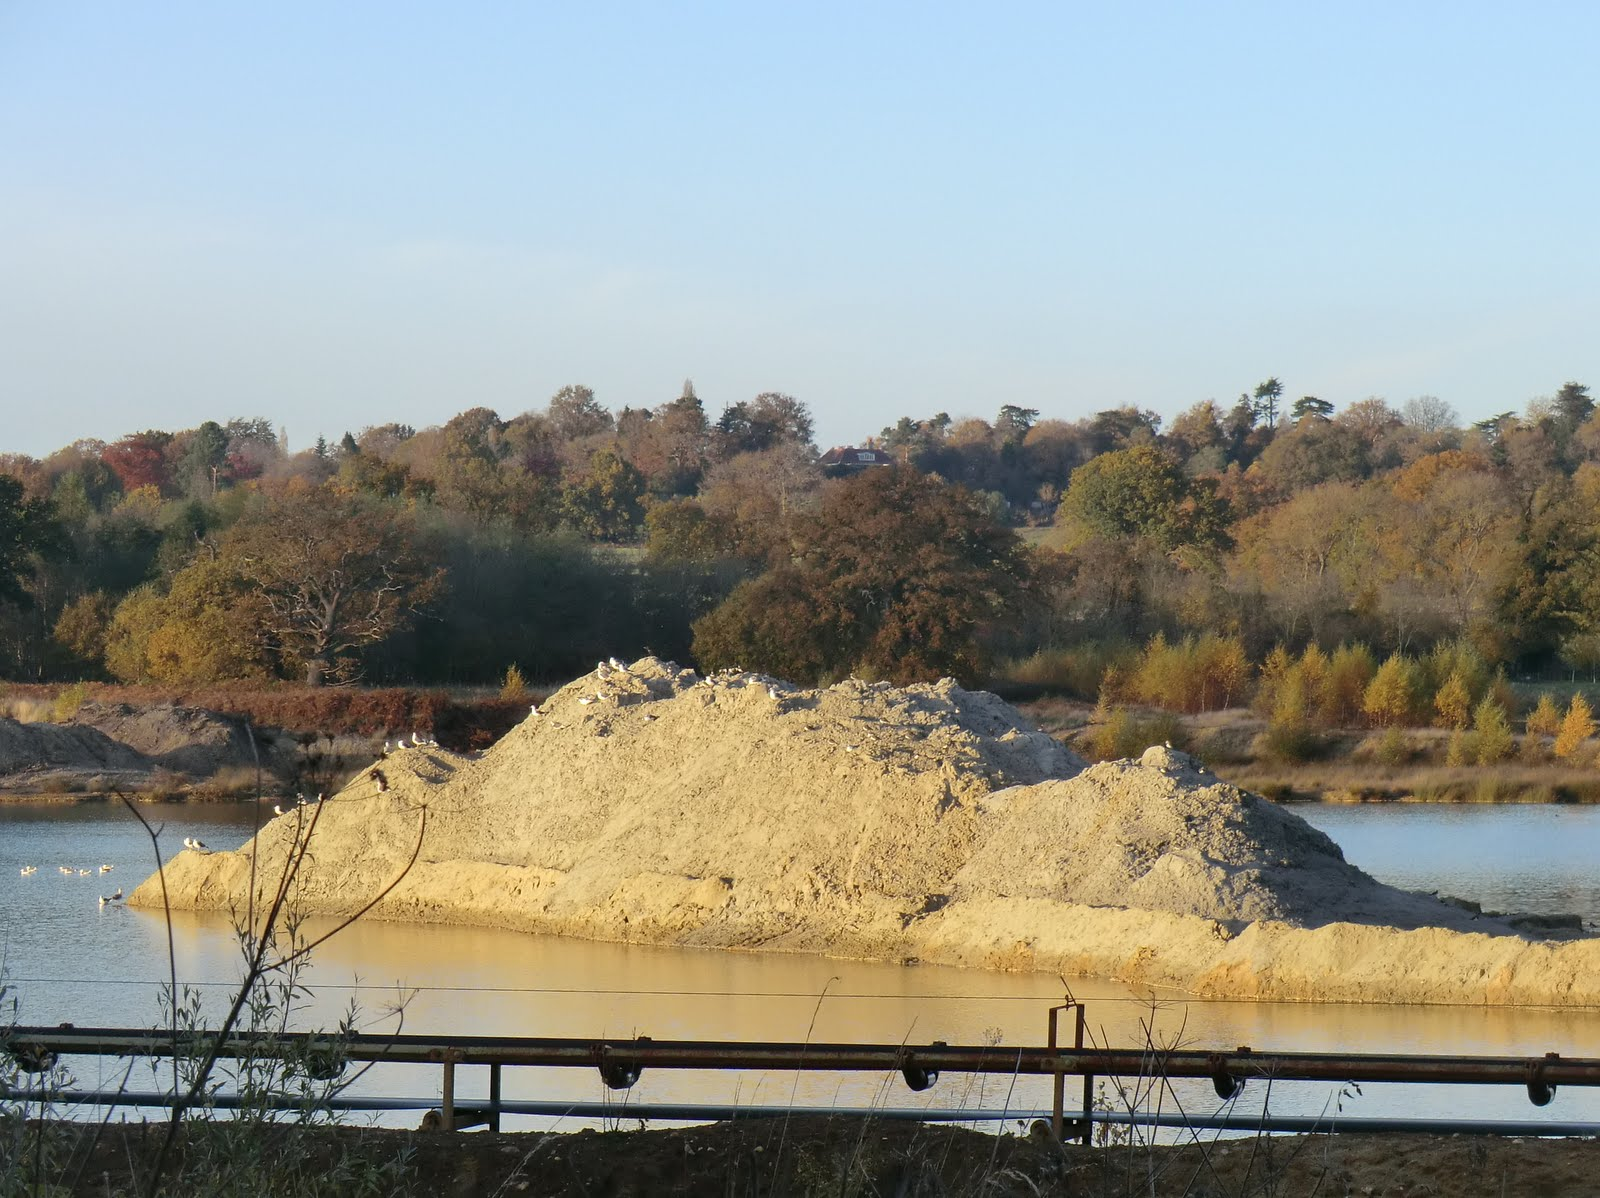 CIMG4936 Sand & gravel workings in Blackwater Valley